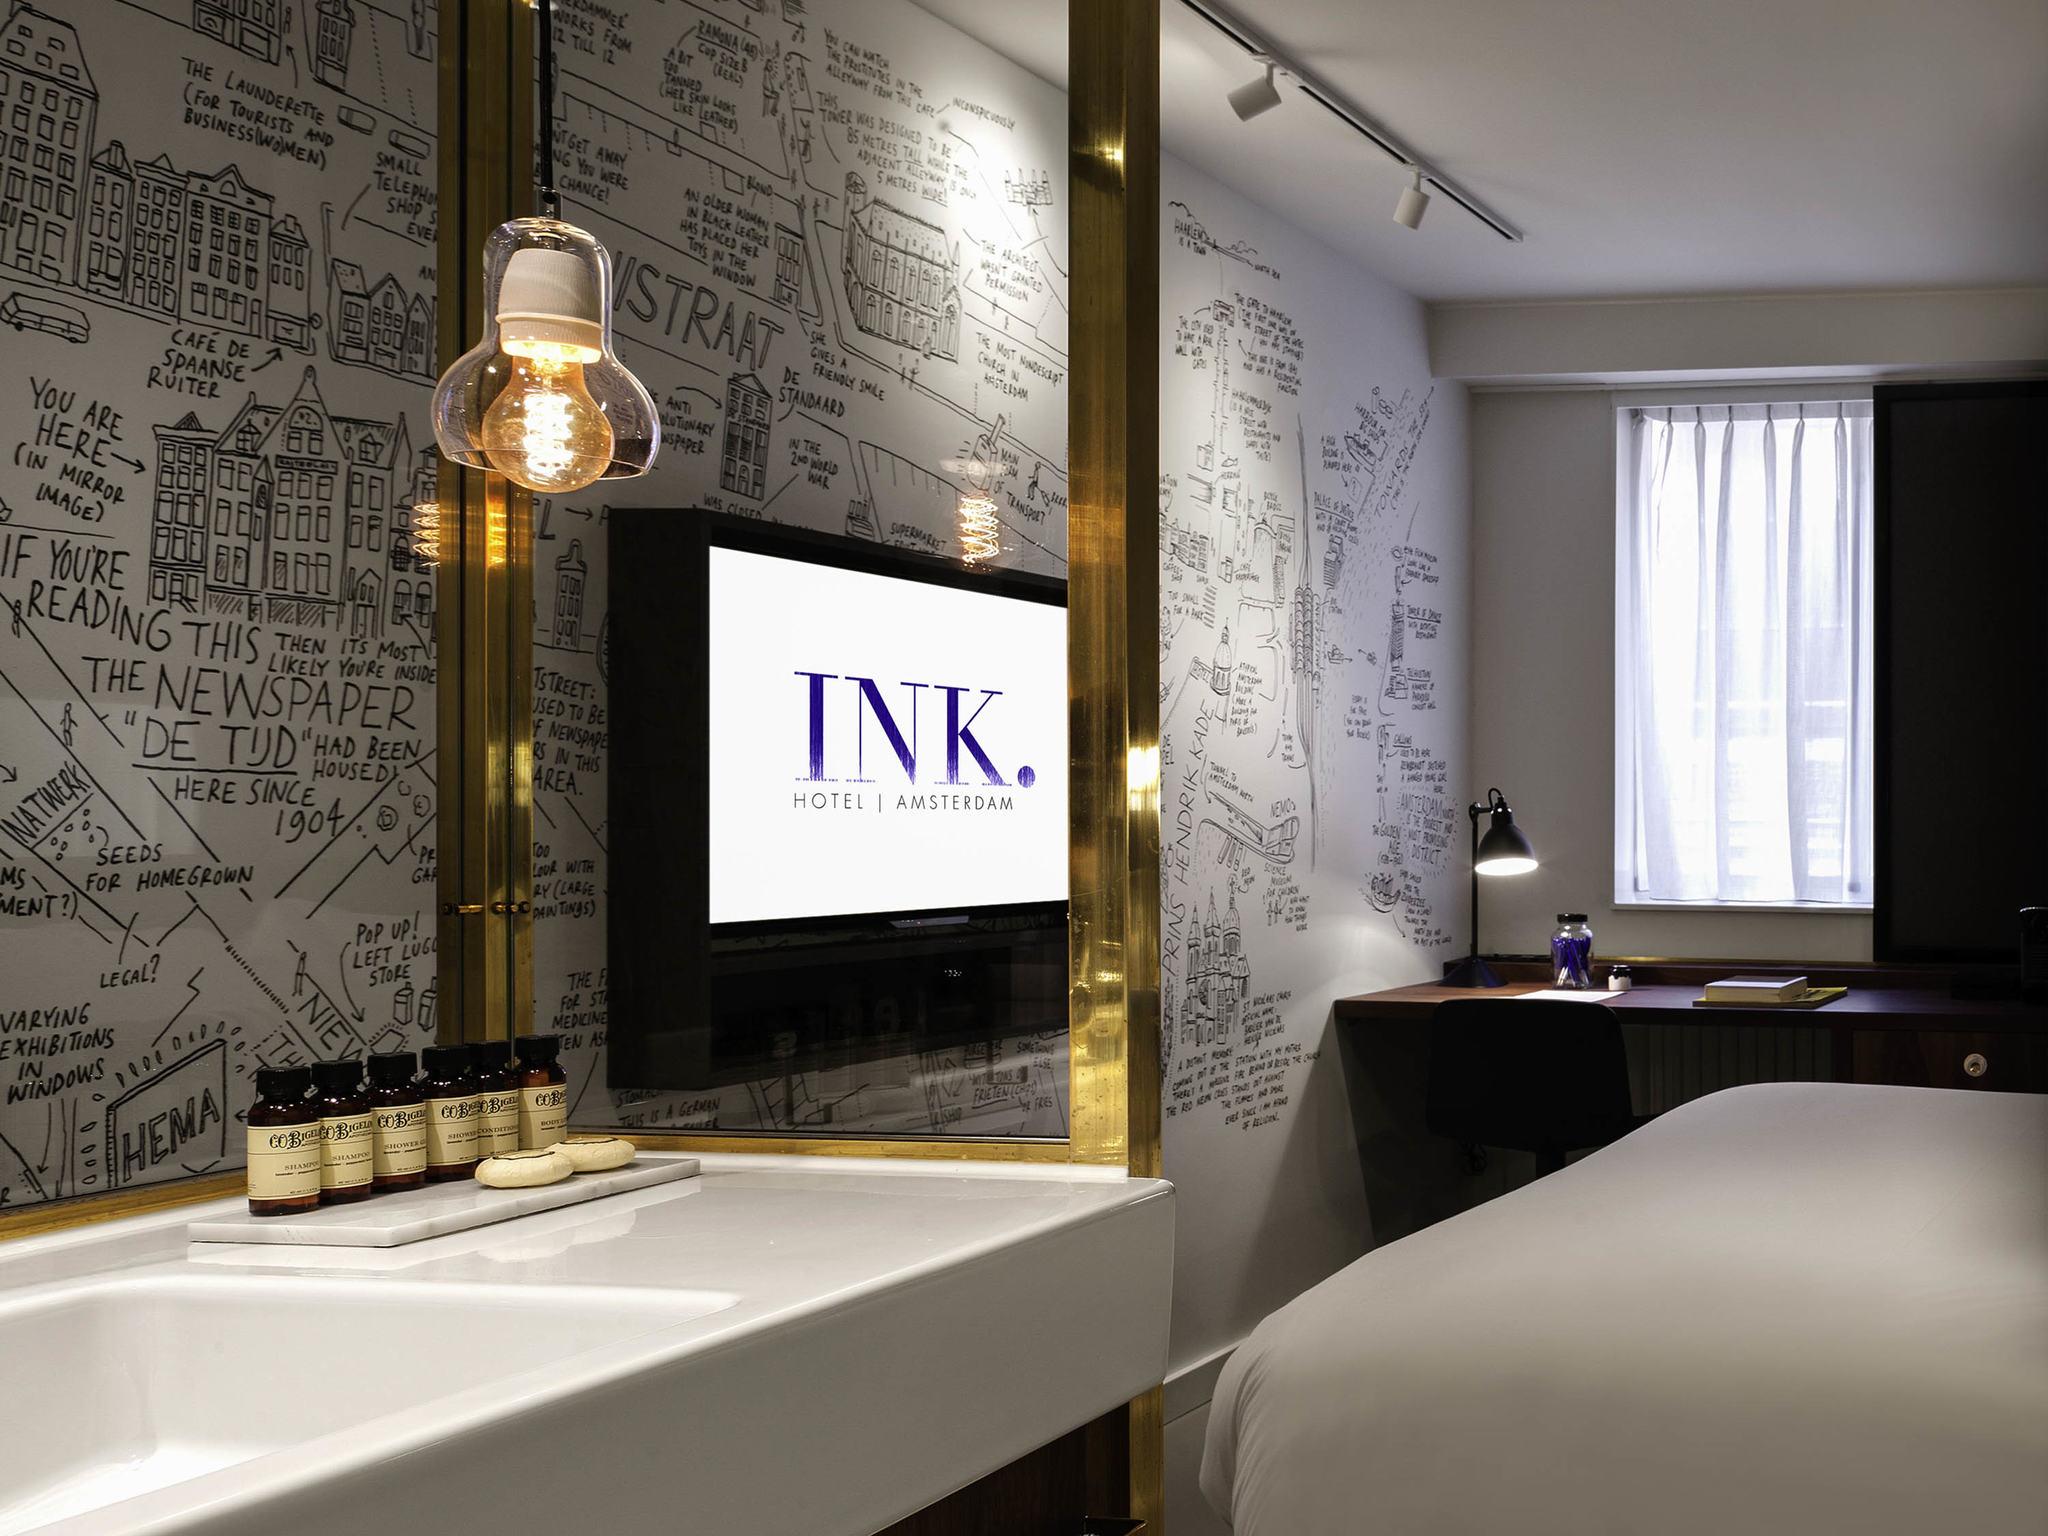 Hotel Nova Kd Comfort Luxury Hotel Amsterdam Ink Hotel Mgallery By Sofitel